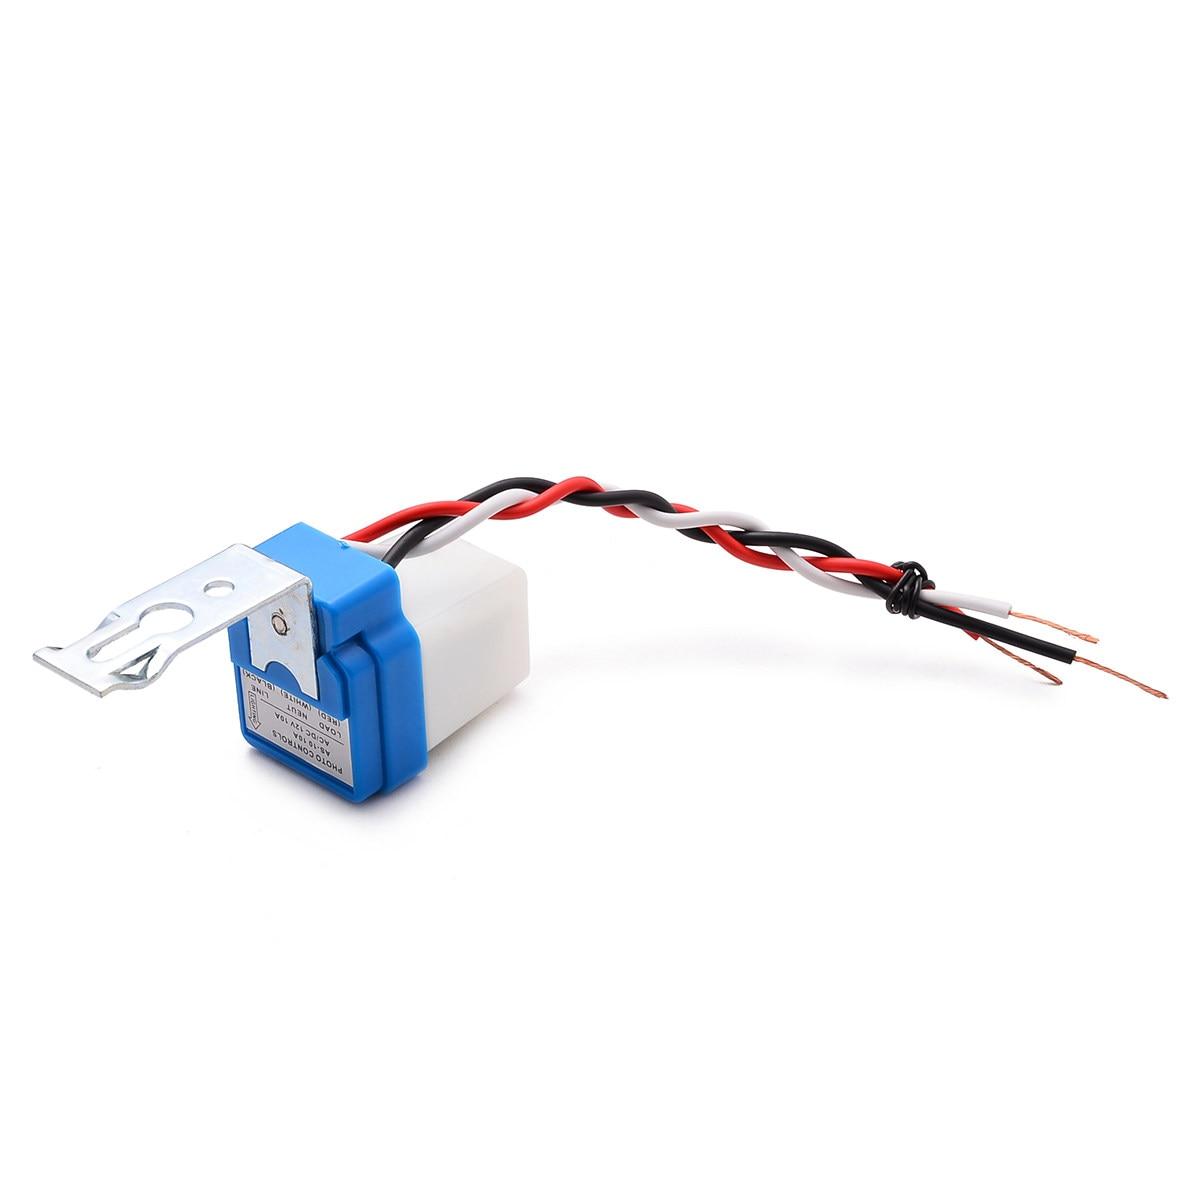 Online Shop 3 Phase 230v 400v 16a Pressure Switch For Compressor Air Outdoor Light Sensor Wiring 12v 10a Mini Twilight Dusk Night Led Lamp